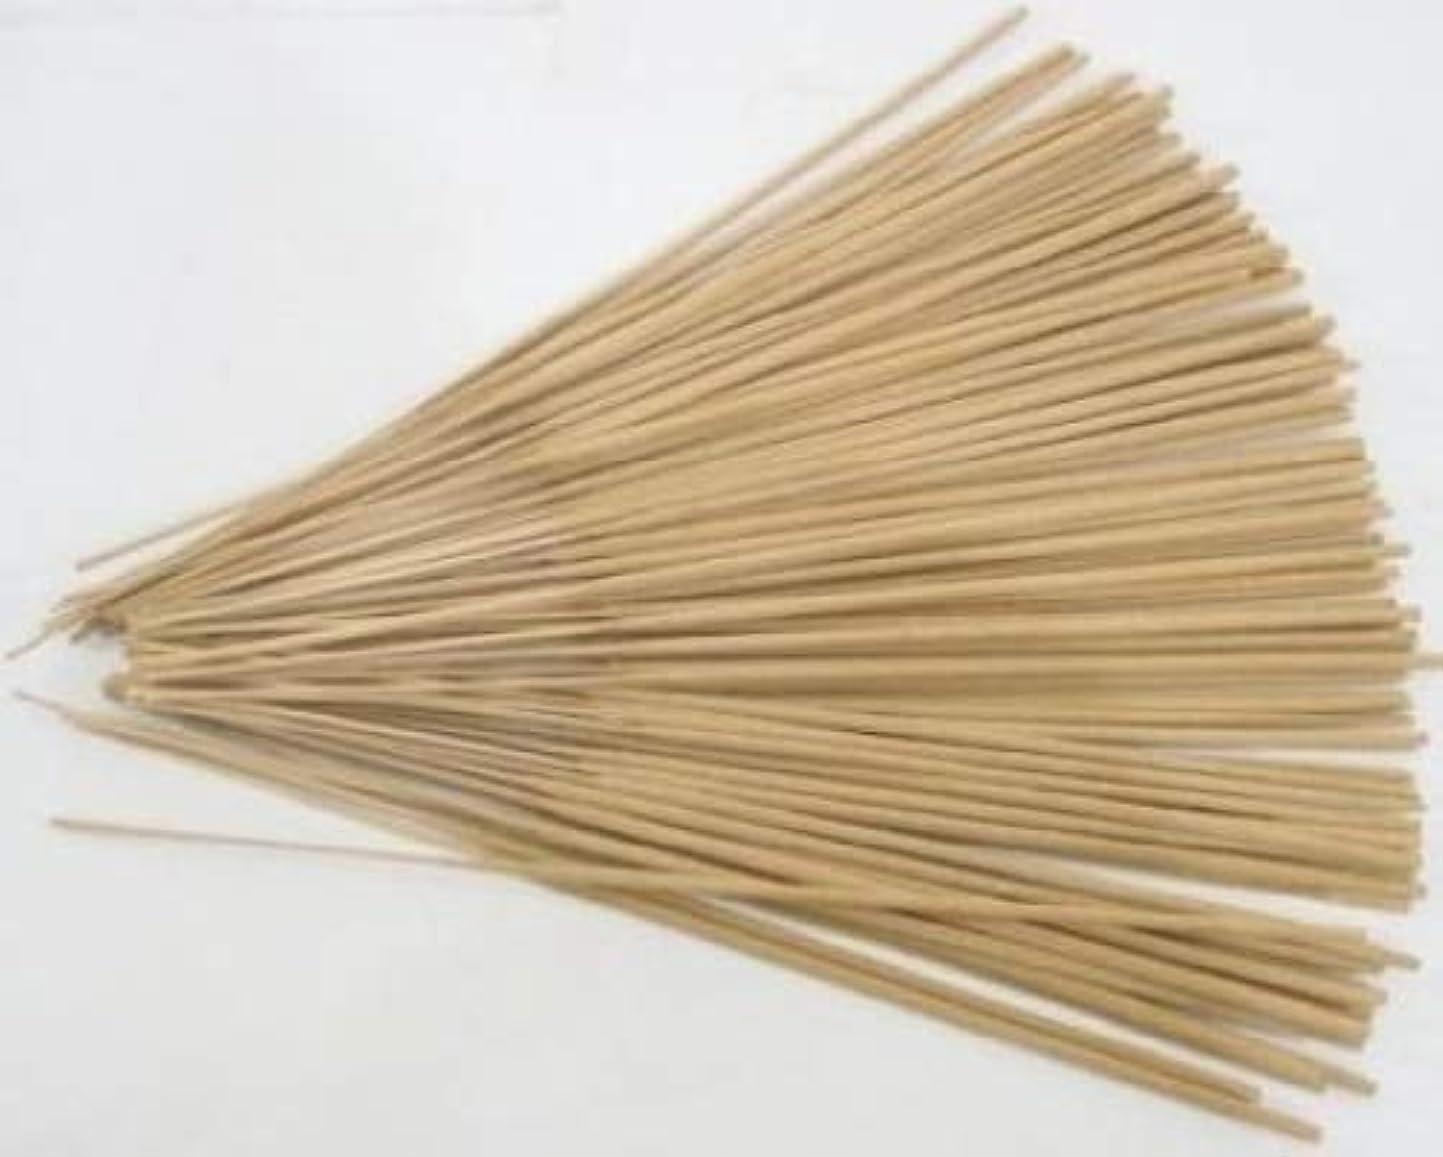 コカイン修羅場ミリメートルUnscented Incense Sticks, 1000 pack